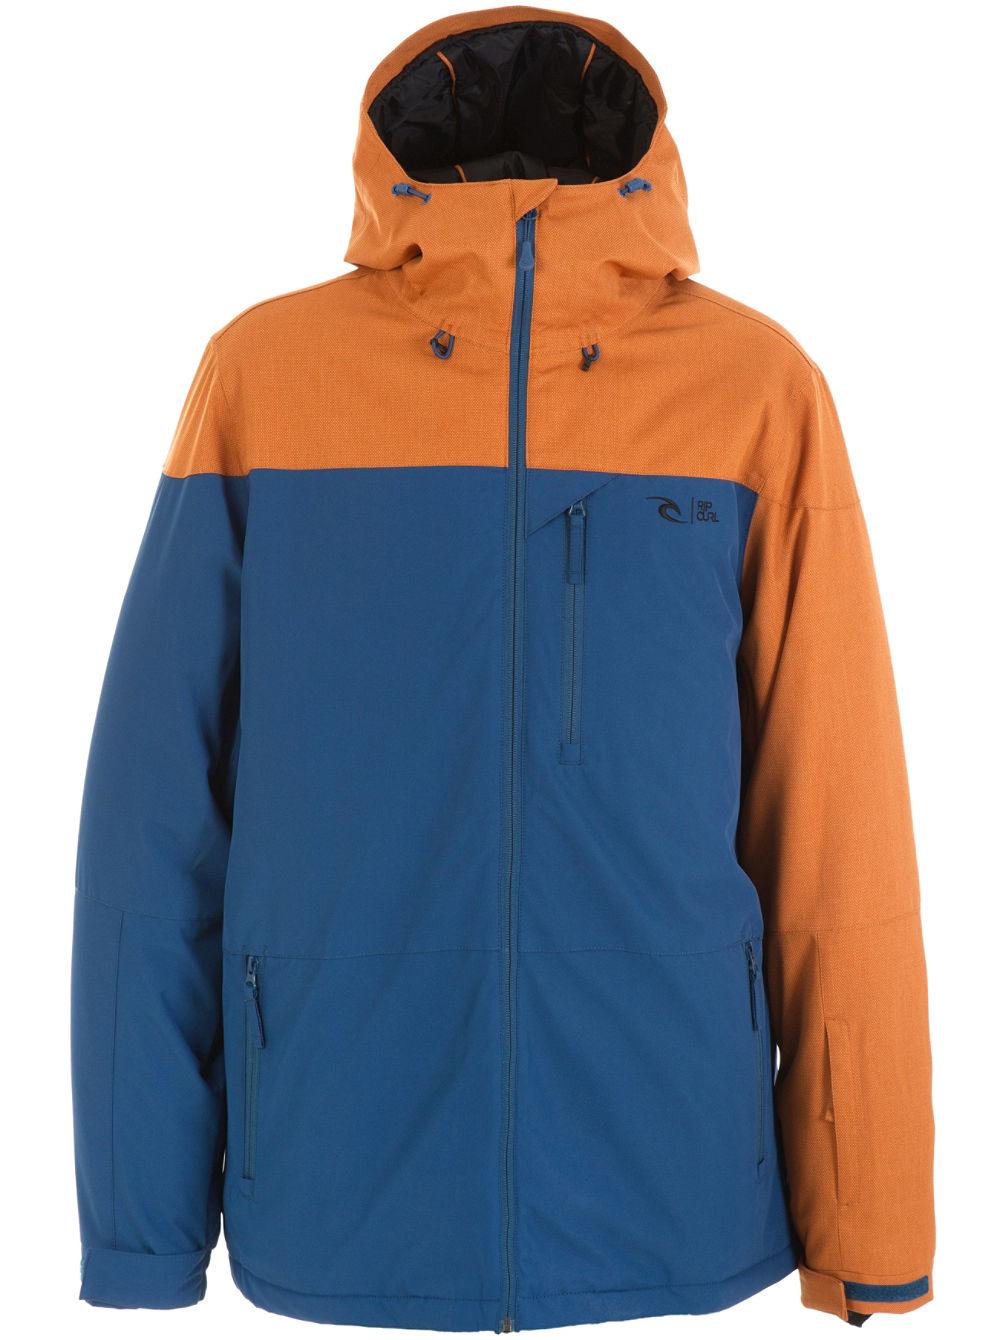 enigma-fancy-jacket